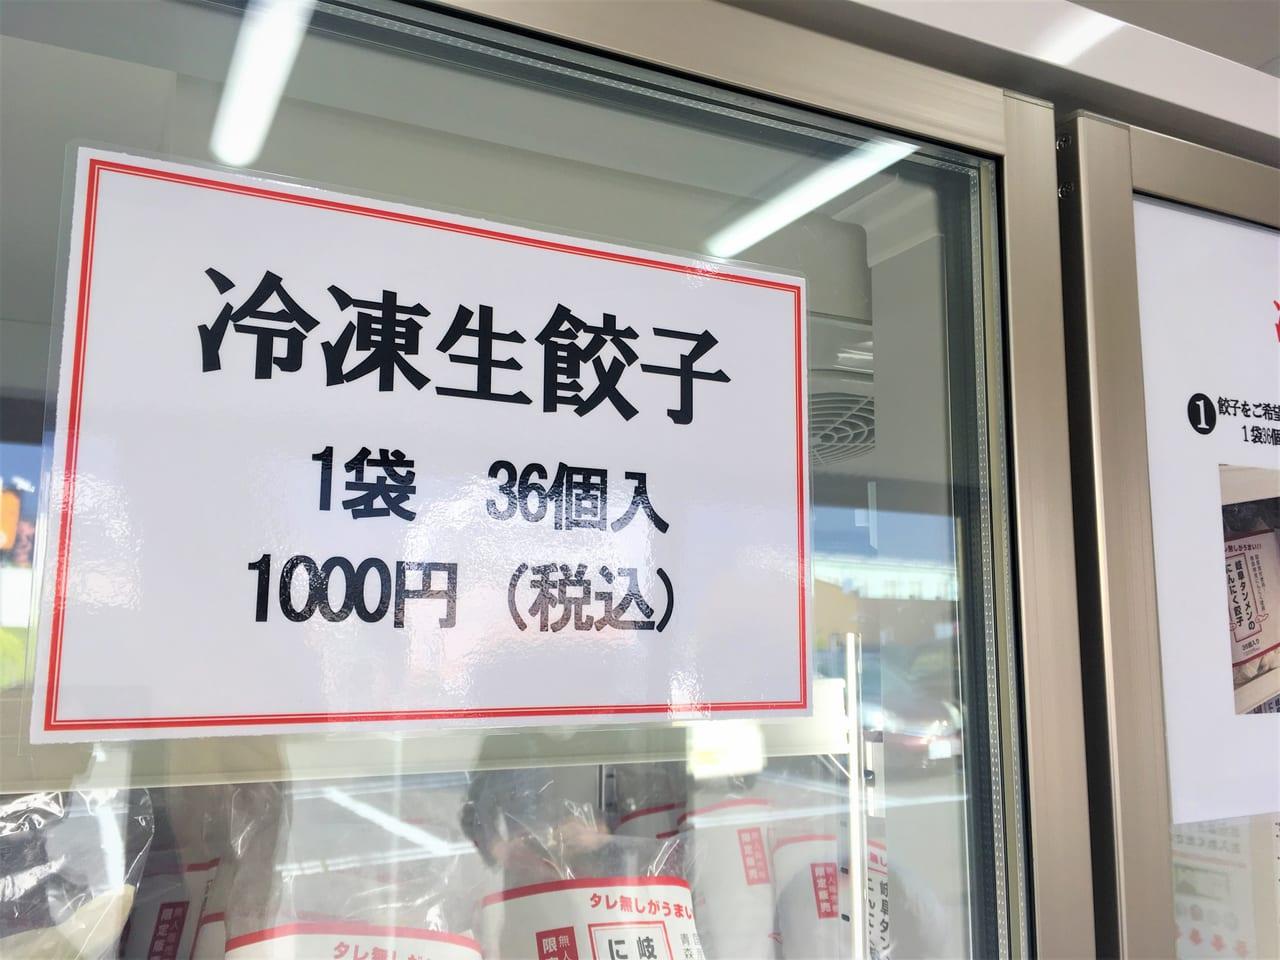 岐阜タンメン にんにく餃子 24時間無人販売所の餃子の価格